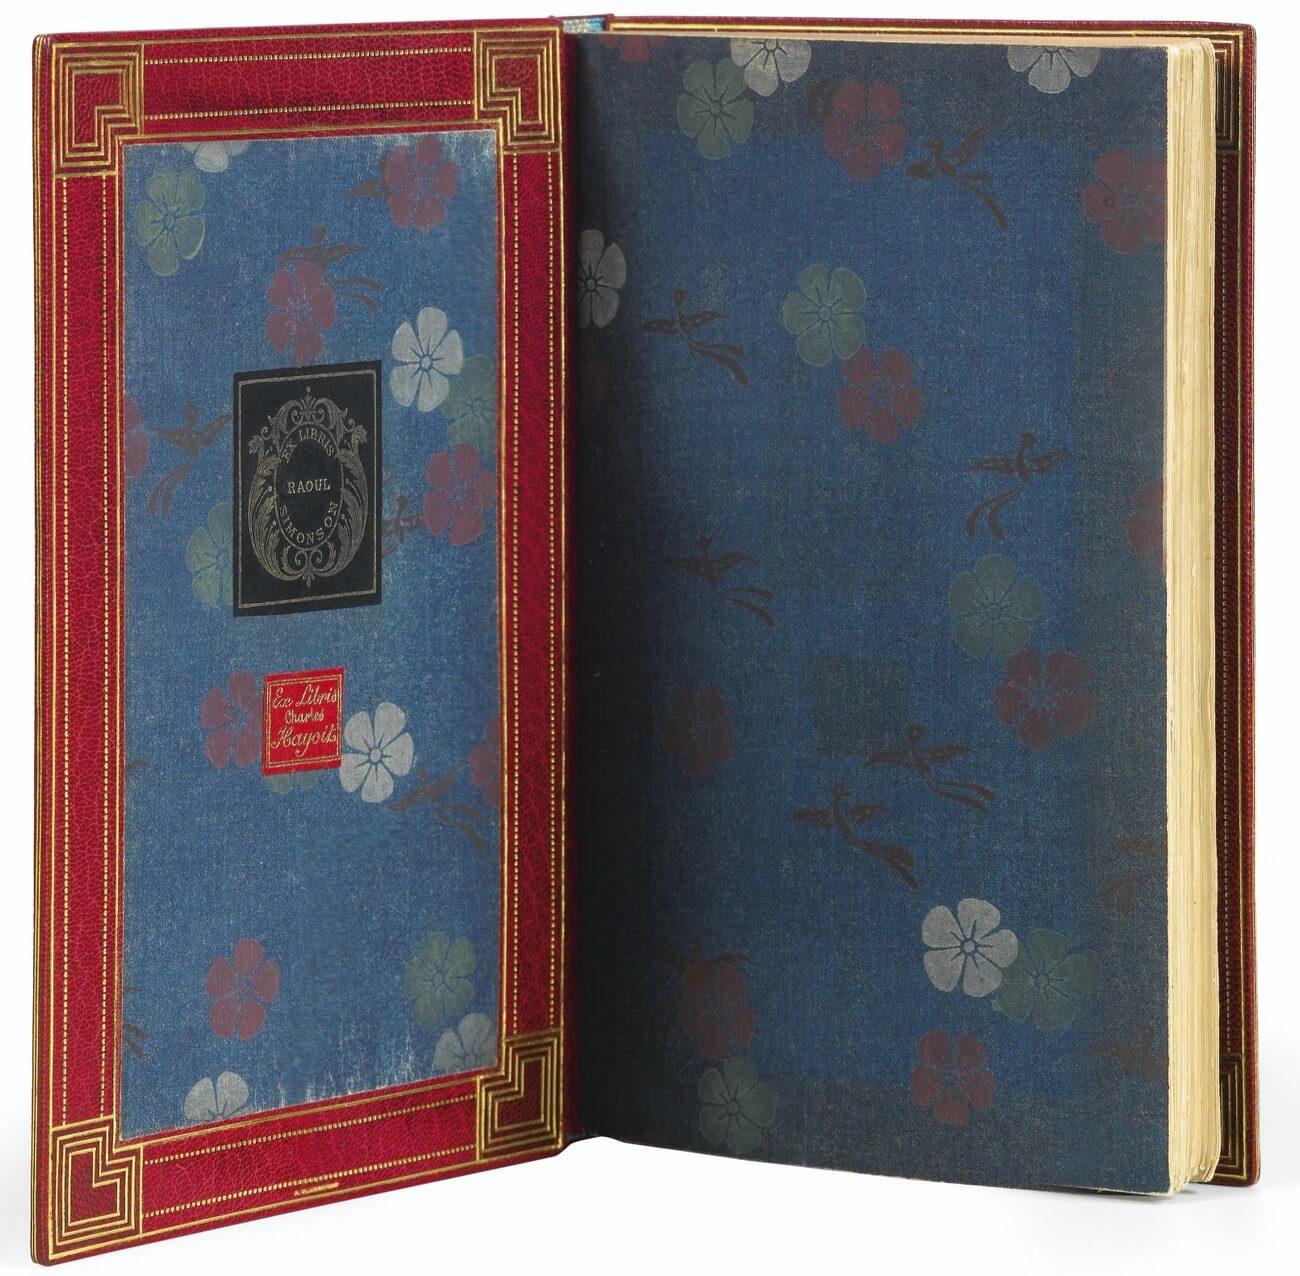 Correspondentie Charles Baudelaire. Les fleurs du mal. Parijs, Poulet-Malassis et De Broise, 1857.